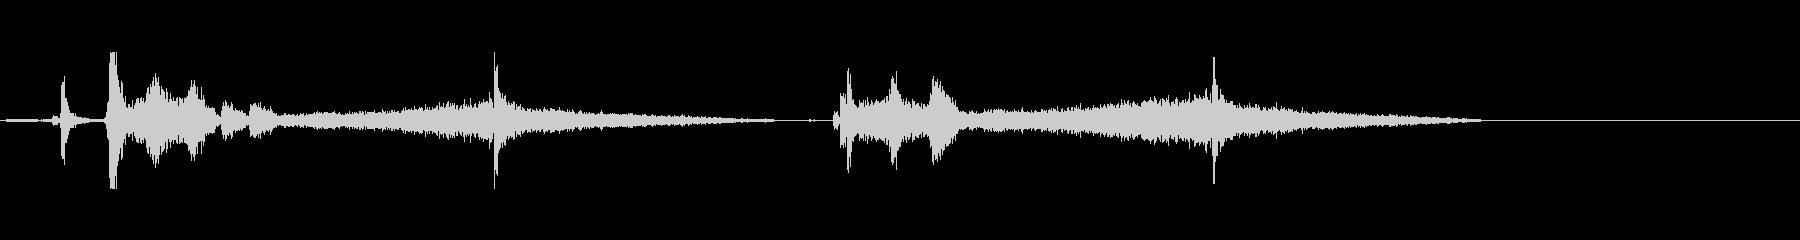 カーフォールススタート2の未再生の波形